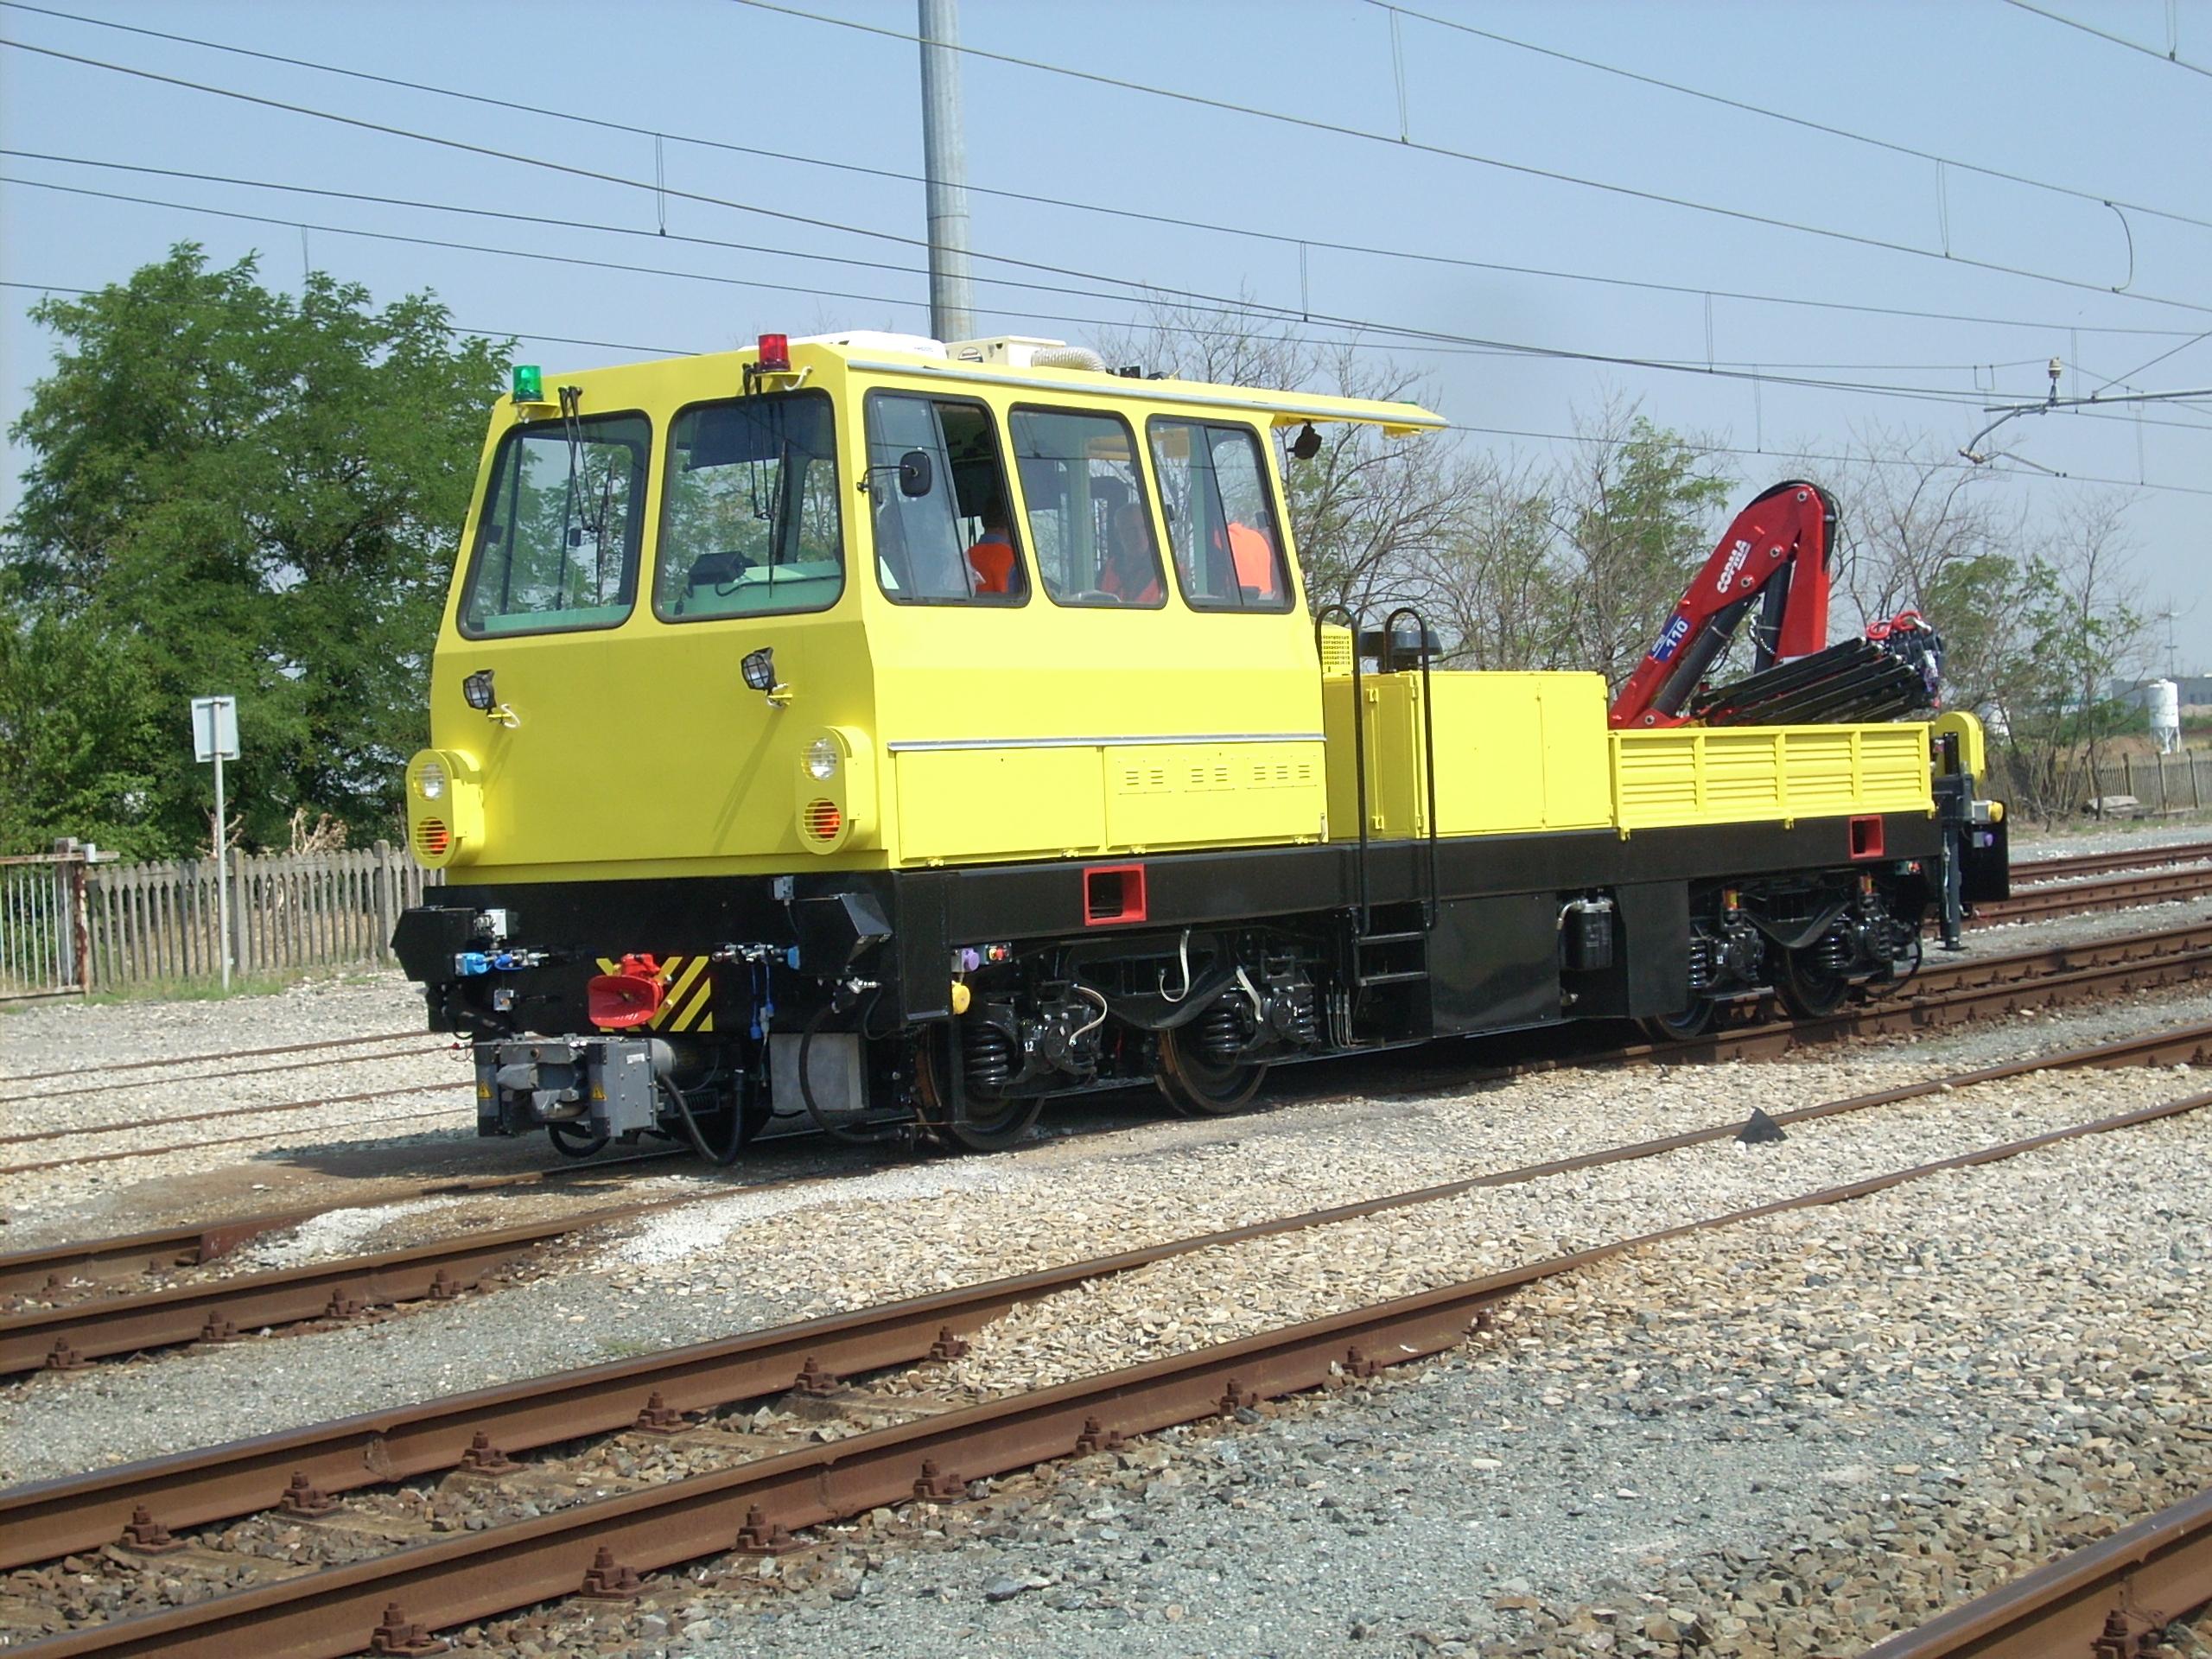 Camion Ferroviario